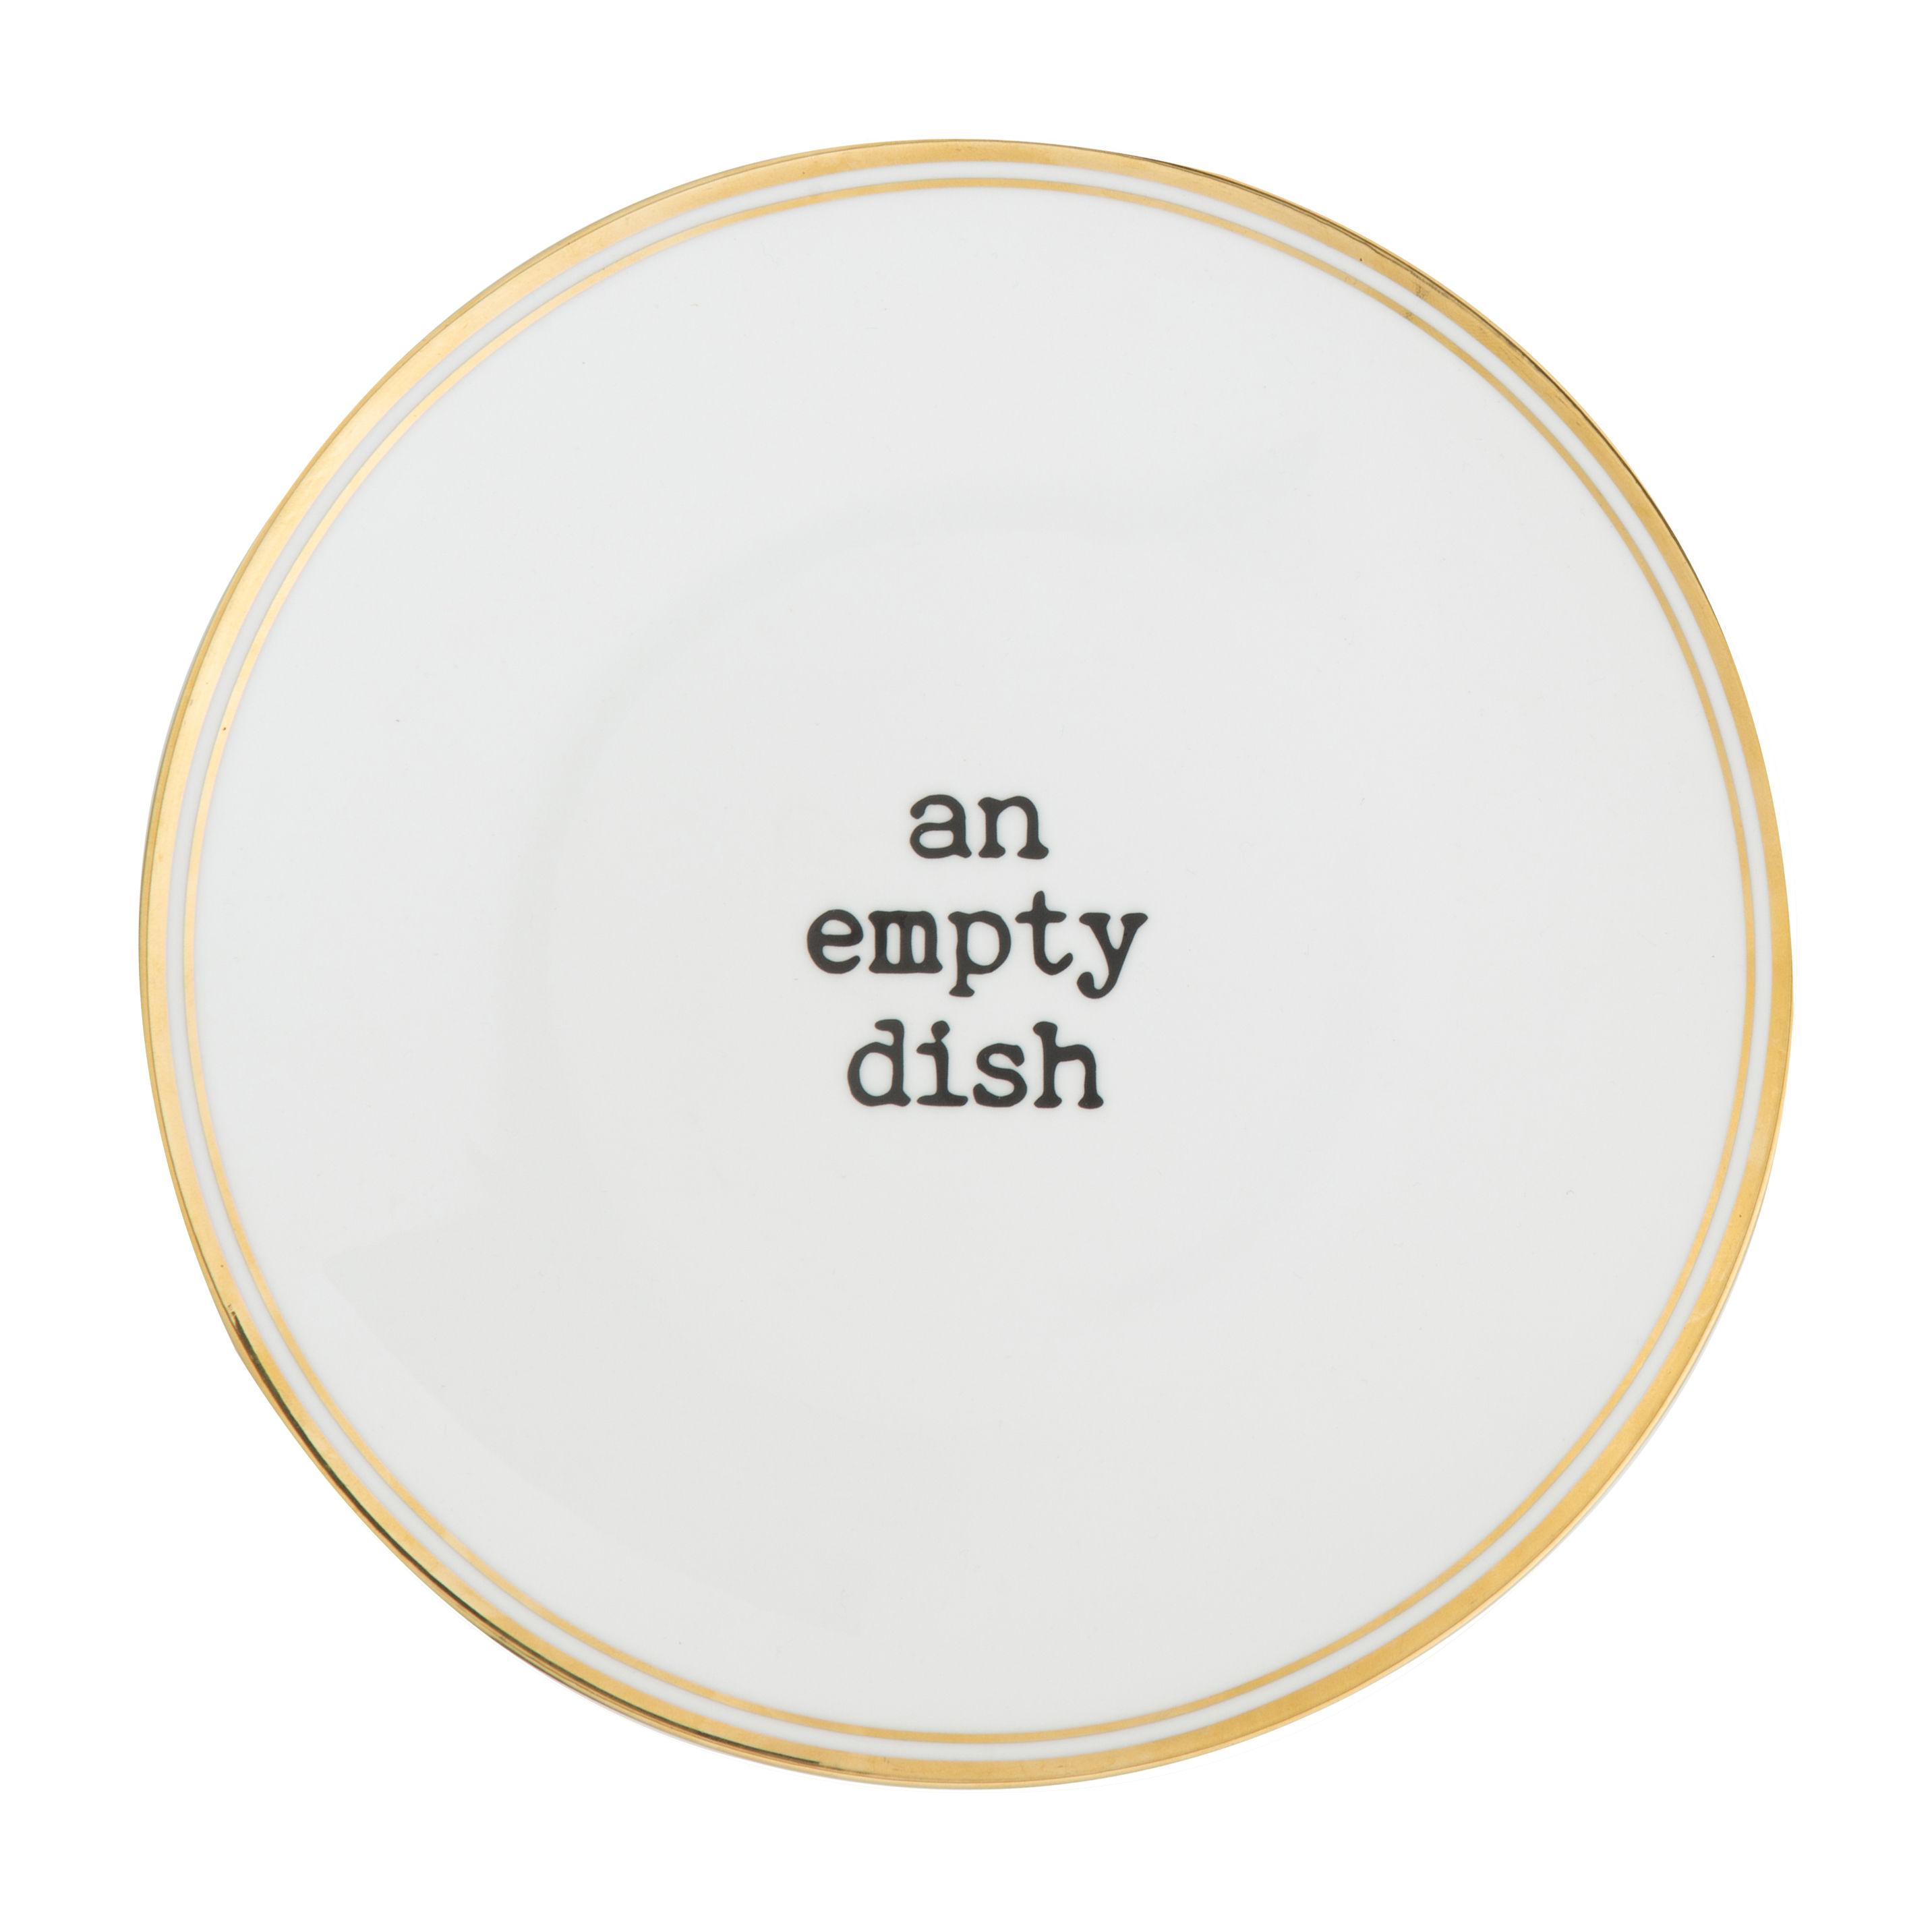 Arts de la table - Assiettes - Assiette An empty dish / Ø 22 cm - Bitossi Home - Empty dish - Porcelaine